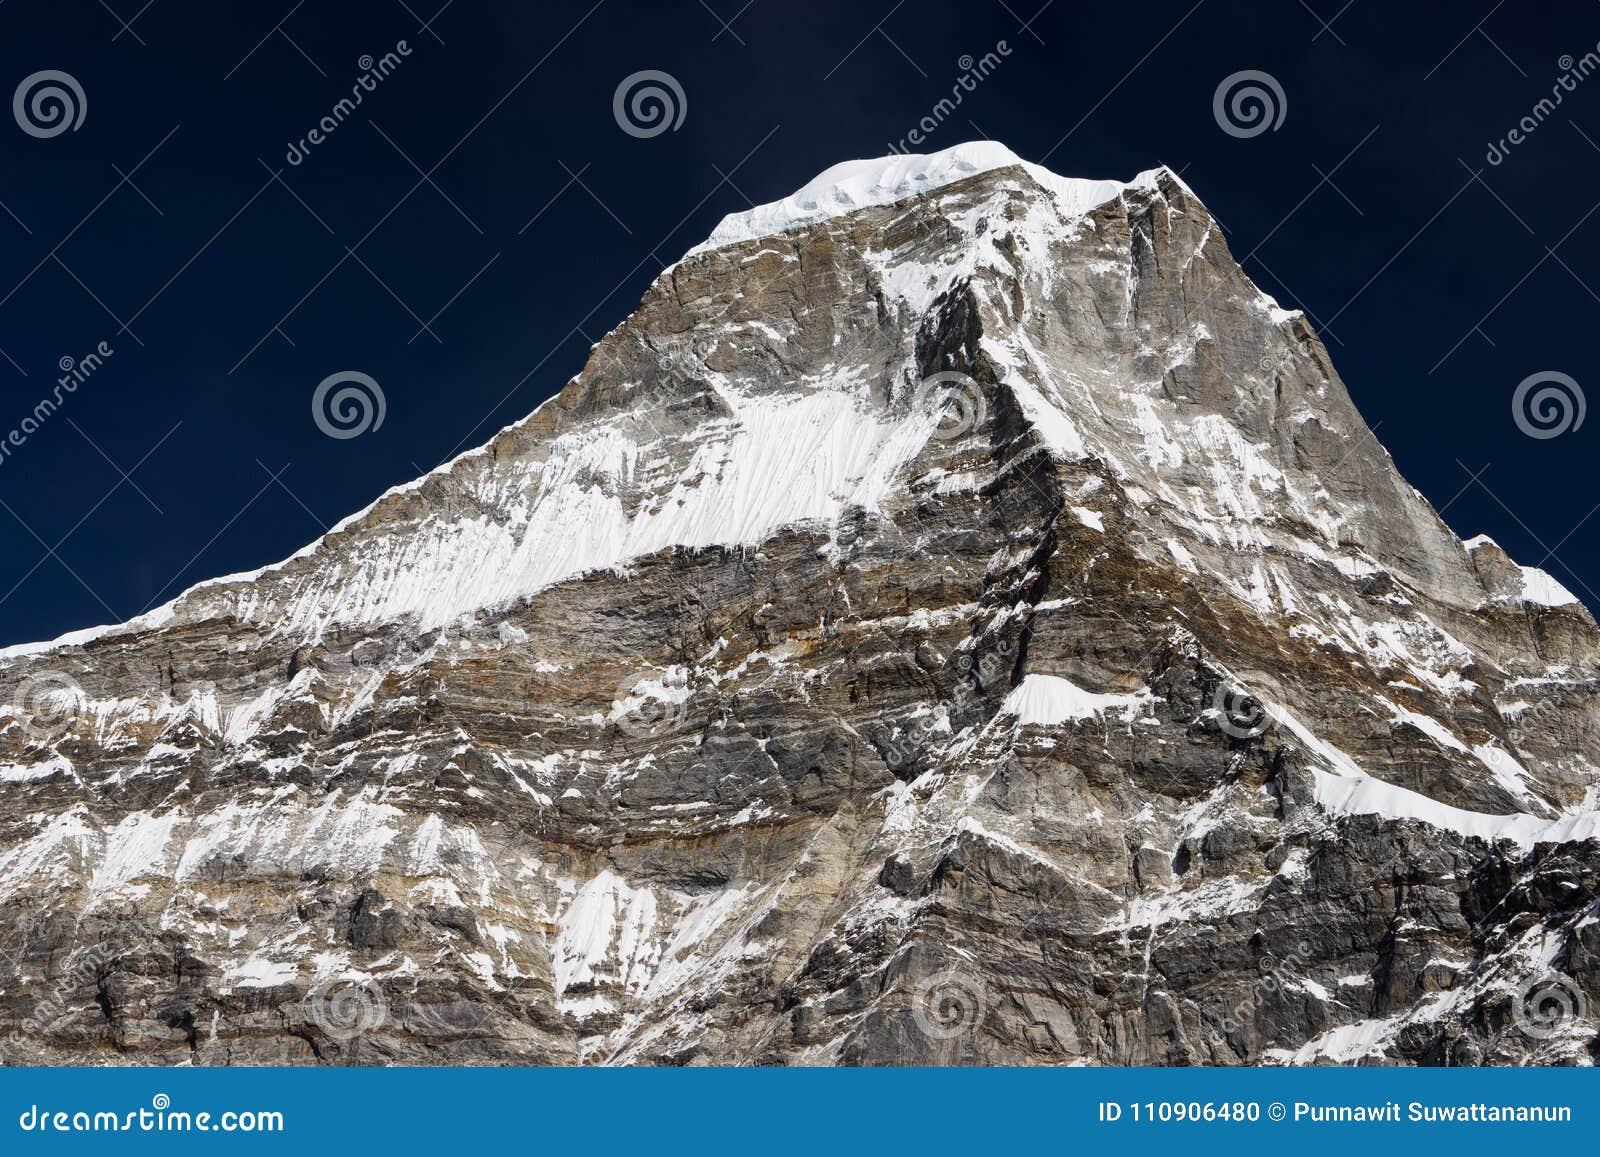 Peak43 or Kyashar in Mera region, Himalaya mountain range, Nepal